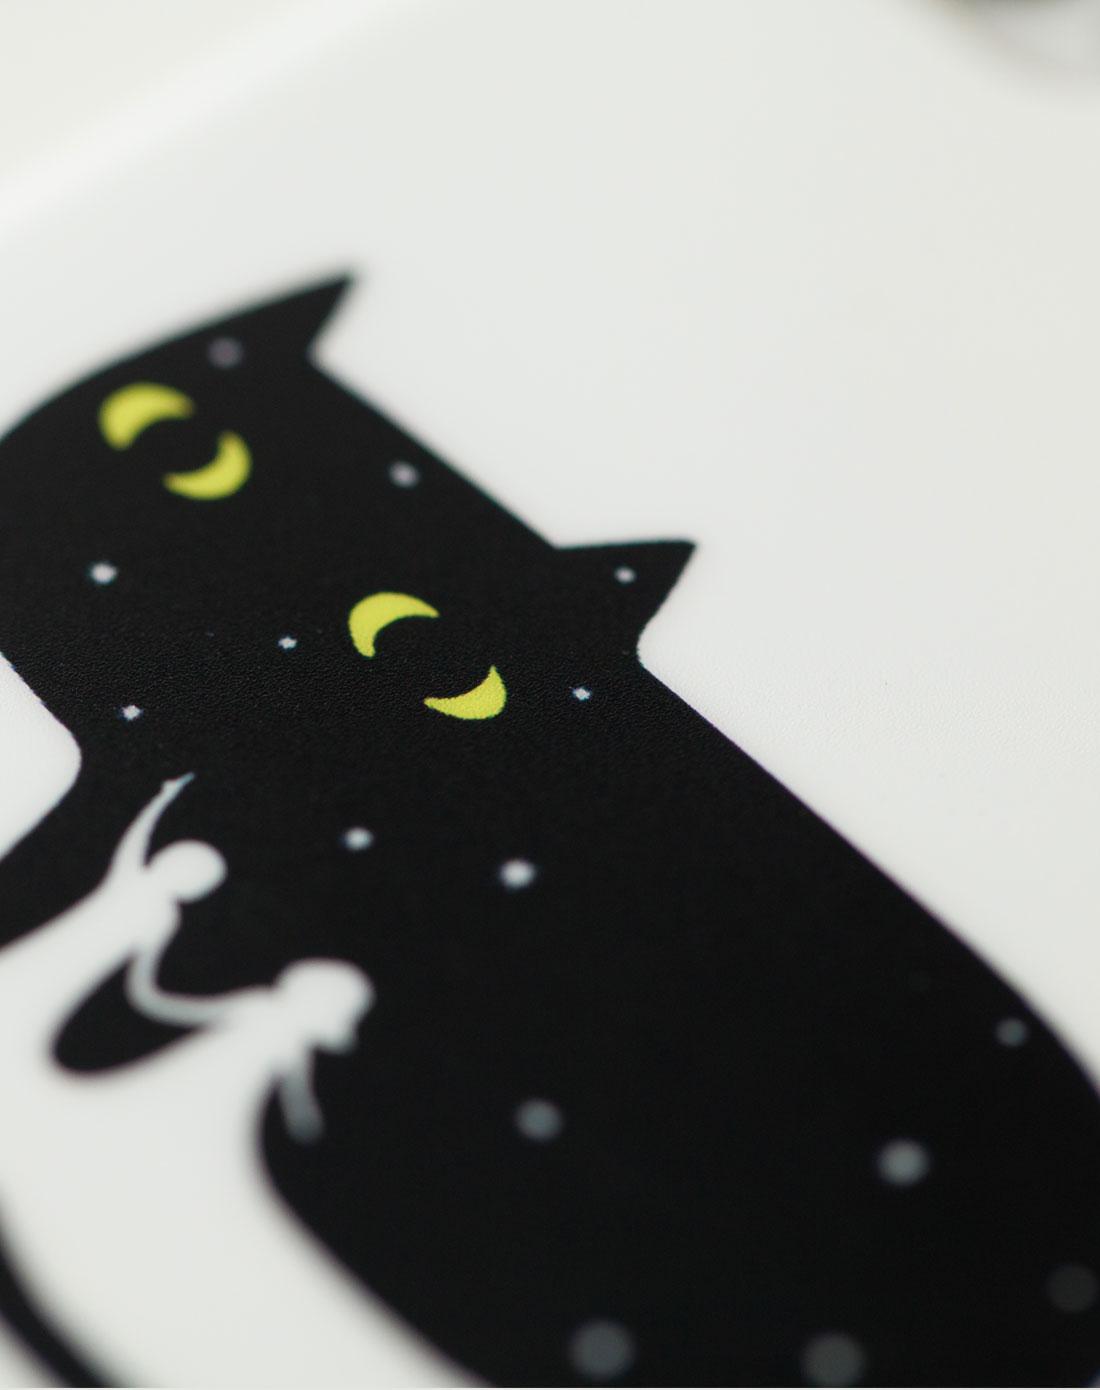 卡通iphone4-4s动漫手机壳-款式月亮猫sas13070082